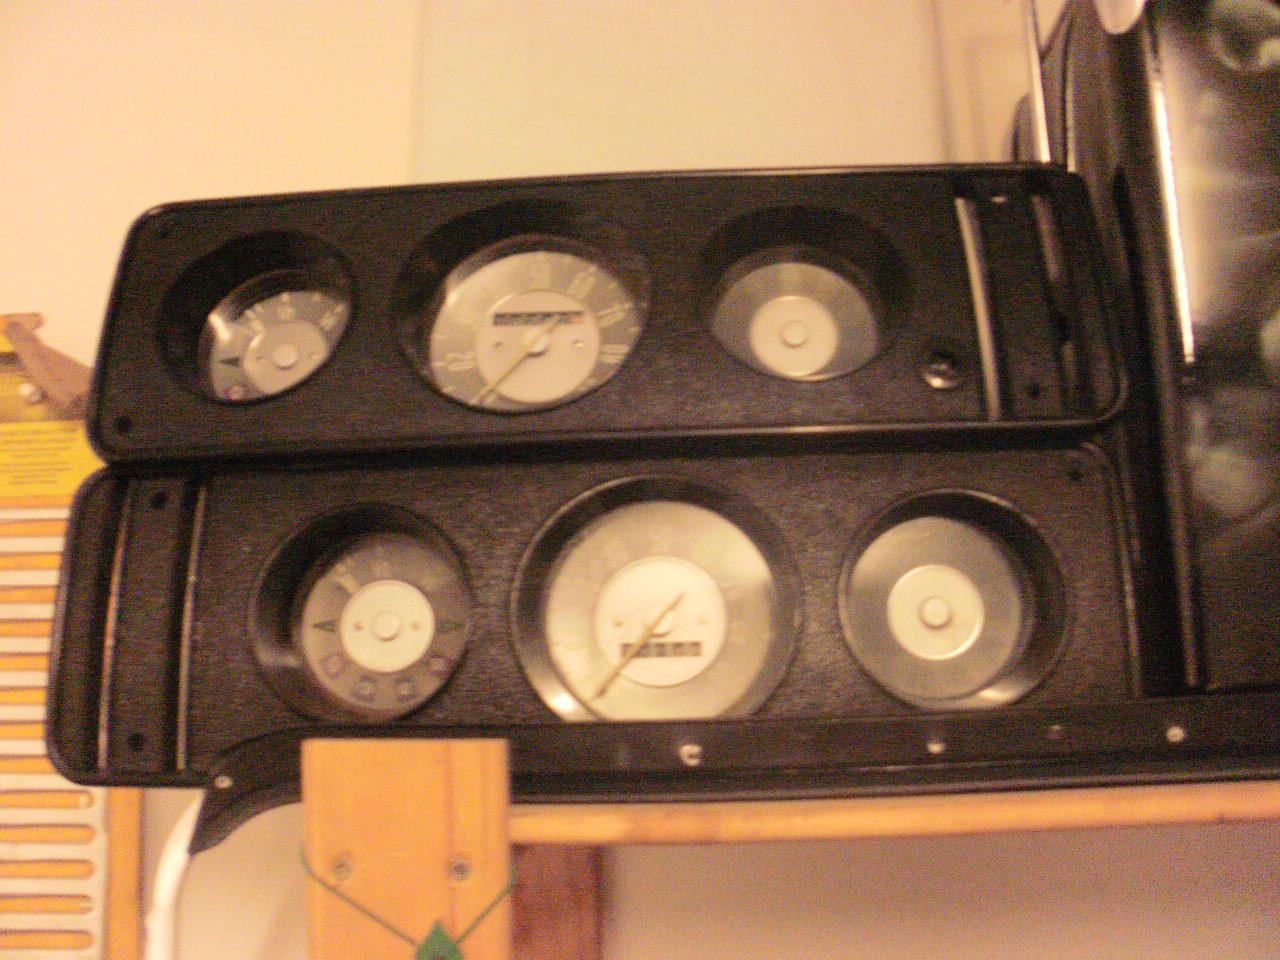 Early Bay dash board LHD and RHD £100 each